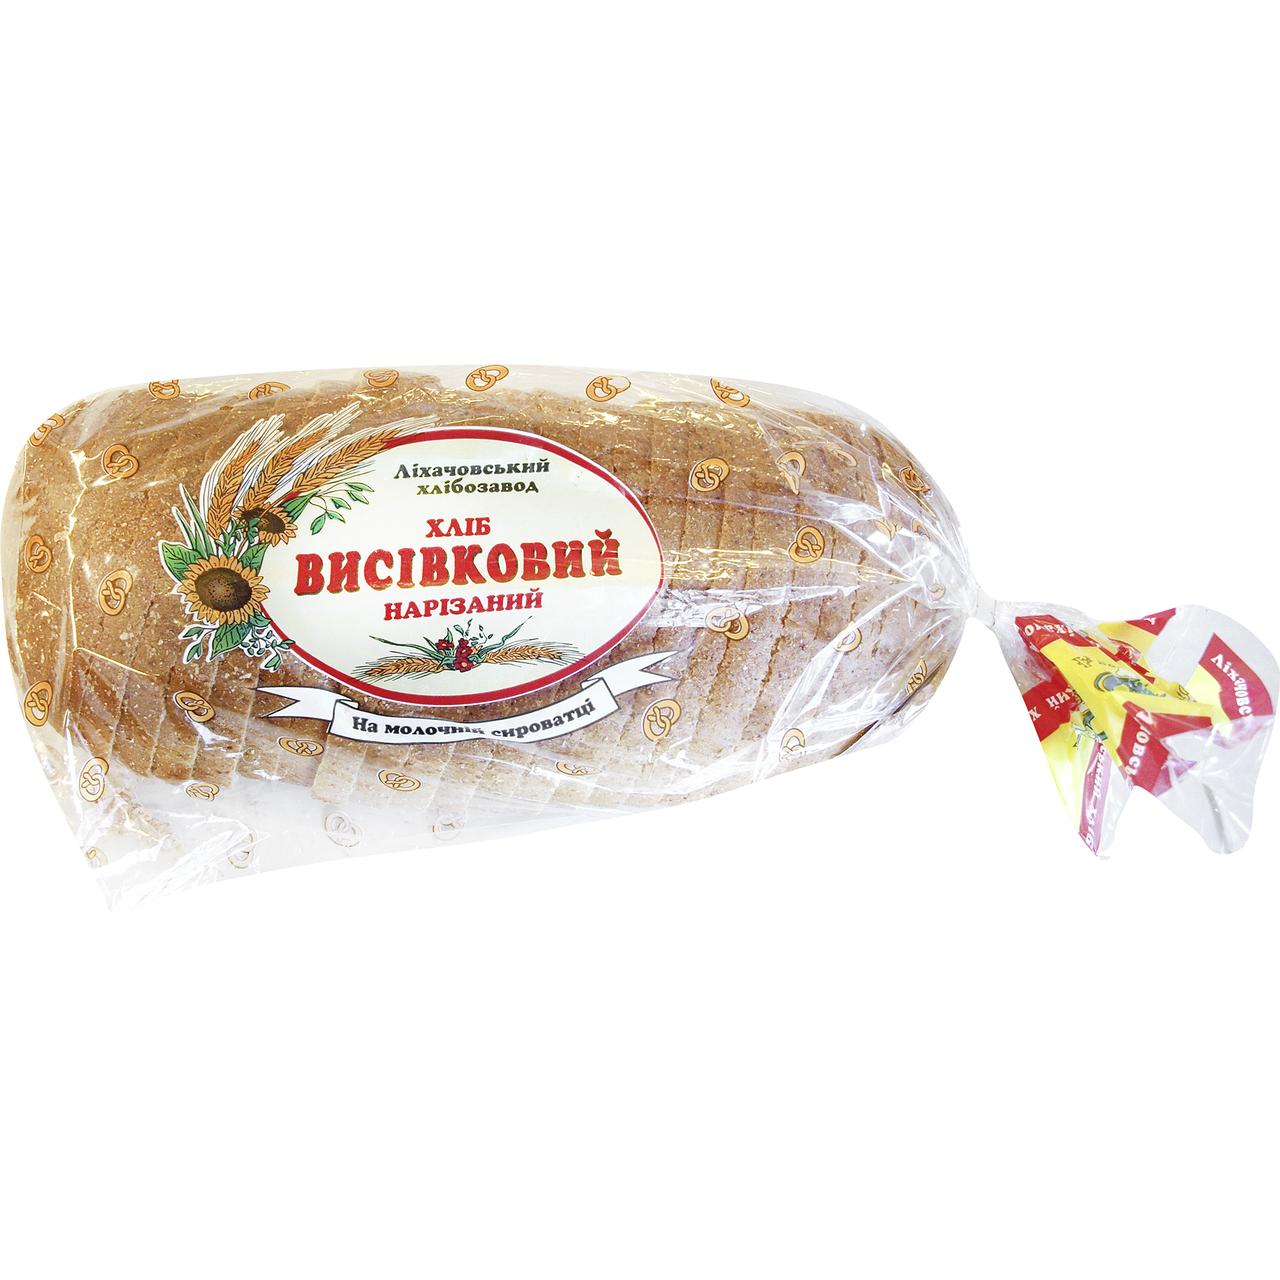 Хліб Рома Висівковий нарізаний 550г